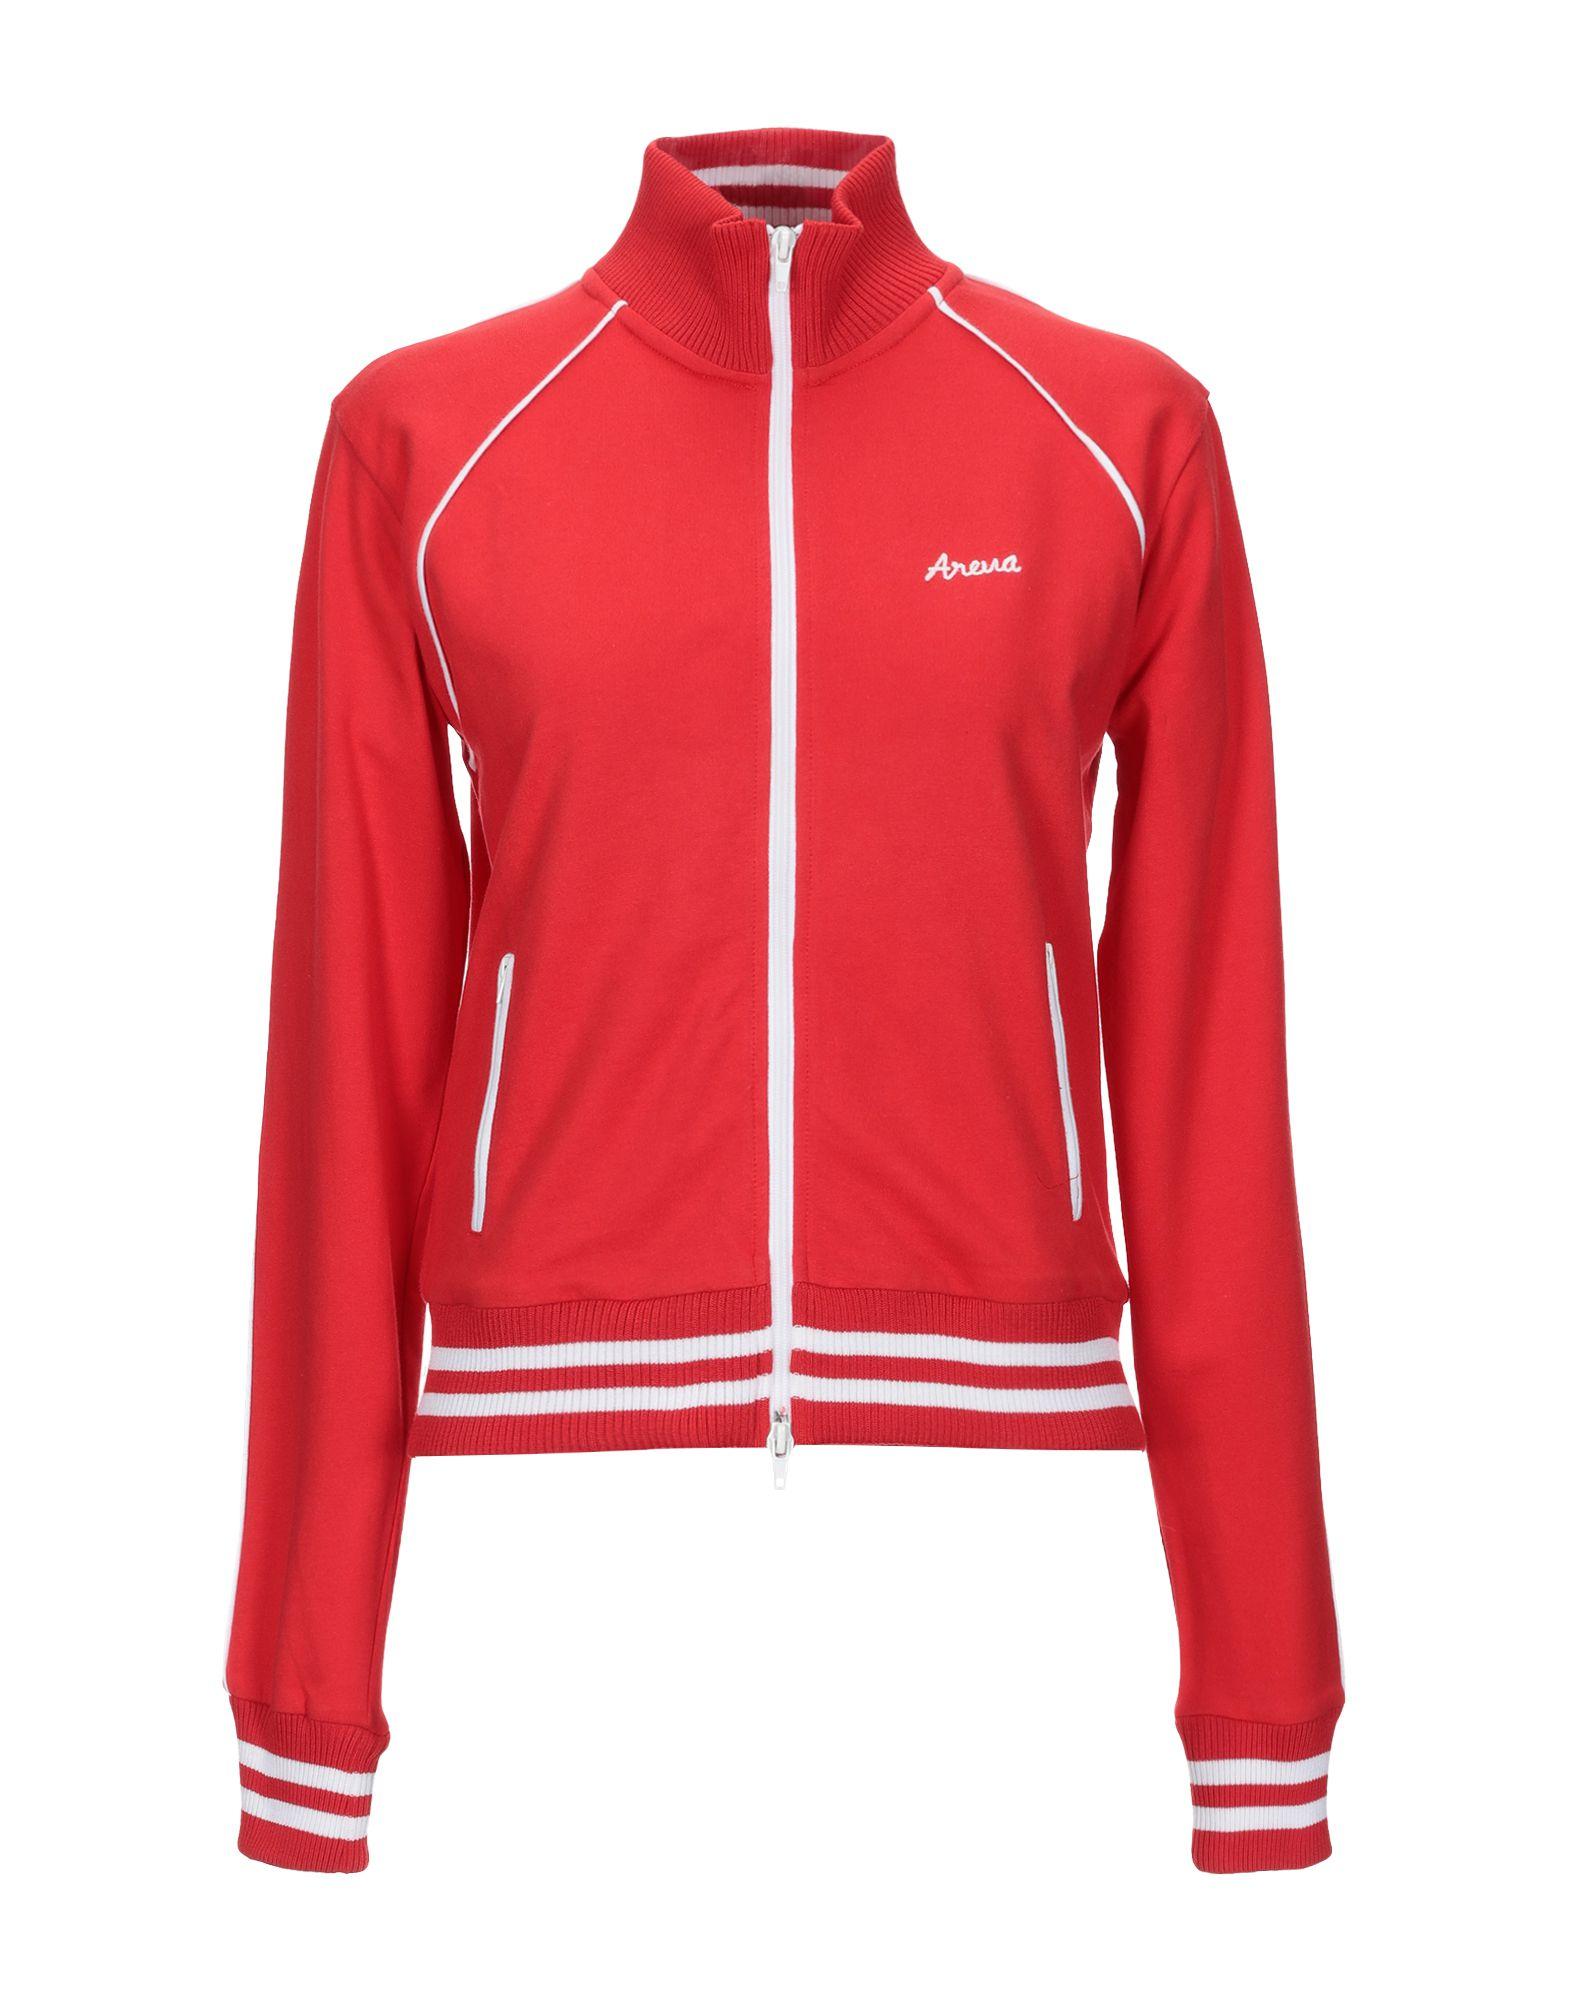 ARENA Sweatshirt in Red